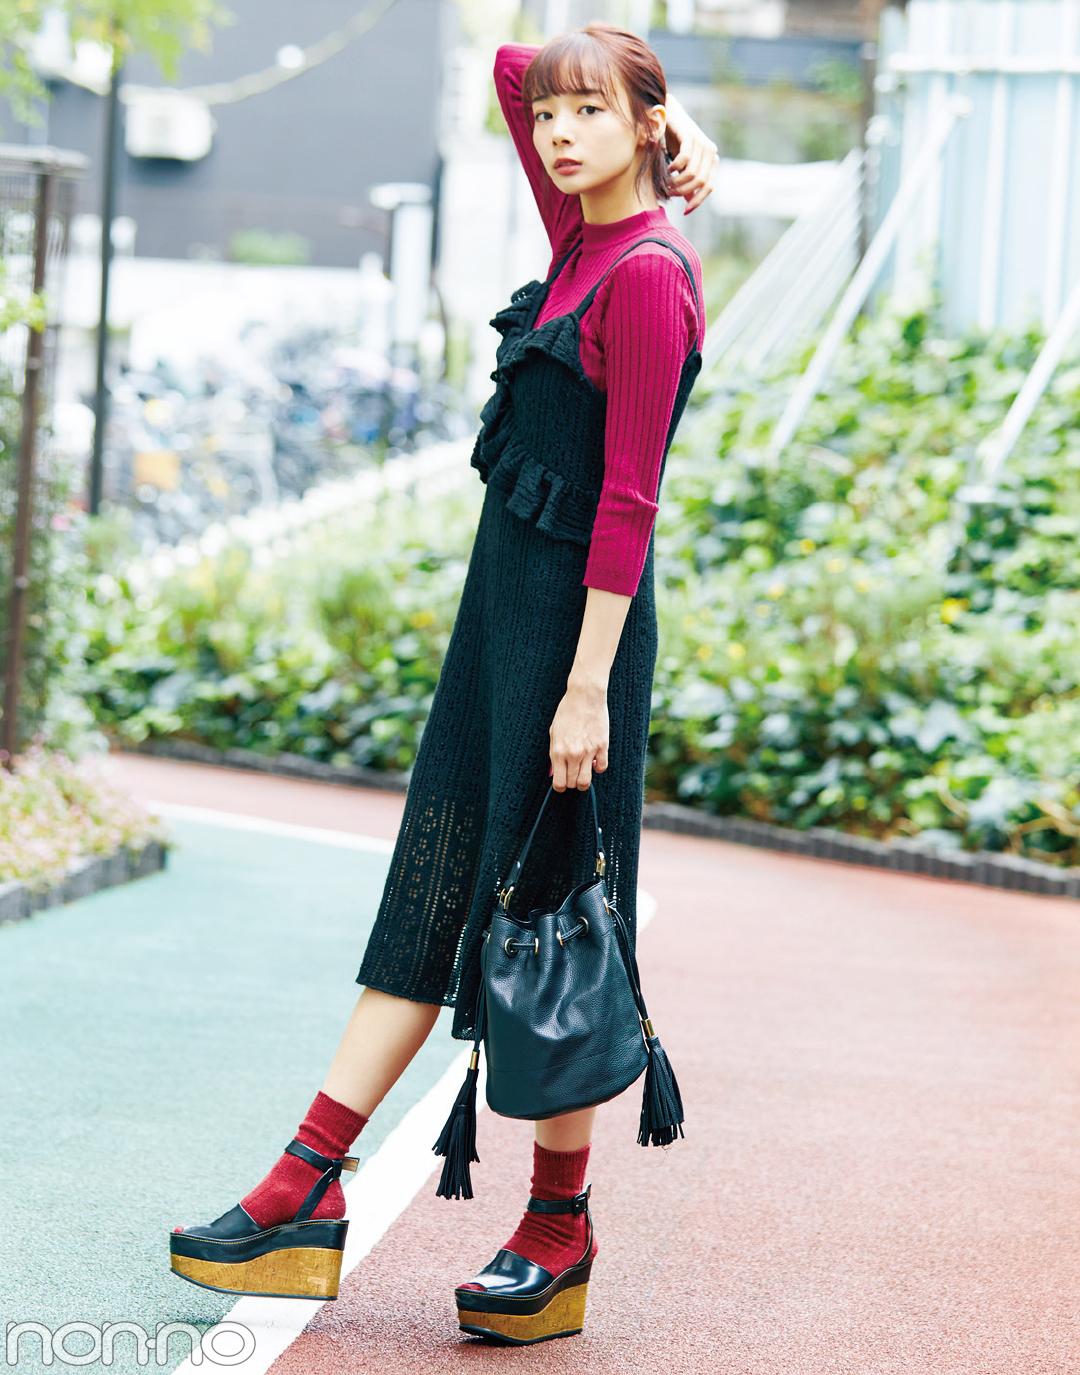 モデルのバッグの中身が見たい! 岡田紗佳&松川菜々花の私物を拝見♡ _1_1